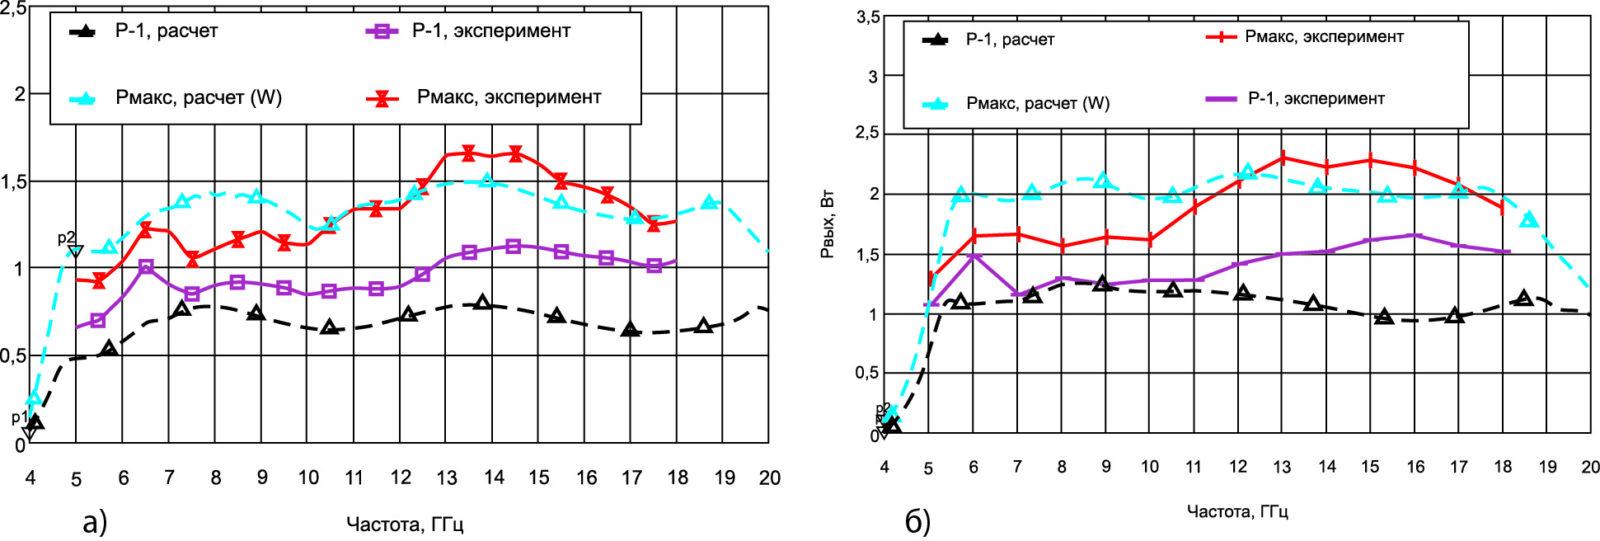 Выходная мощность МИС МС120 и МС080, расчет и эксперимент. Расчетные характеристики показаны пунктирными линиями